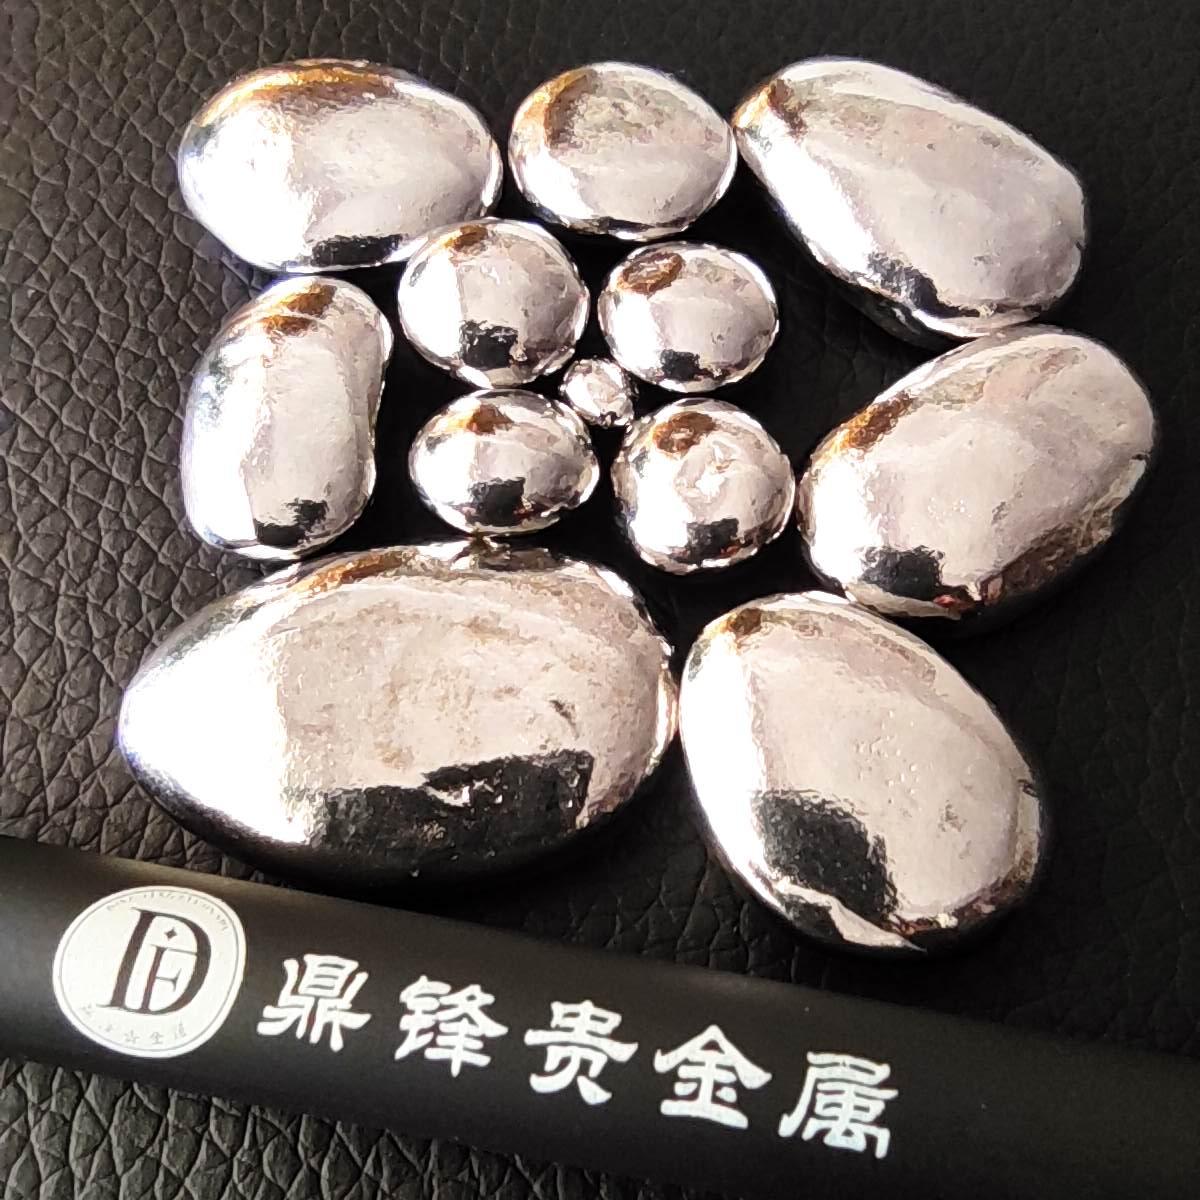 安徽三氯化铱回收 铱粉回收